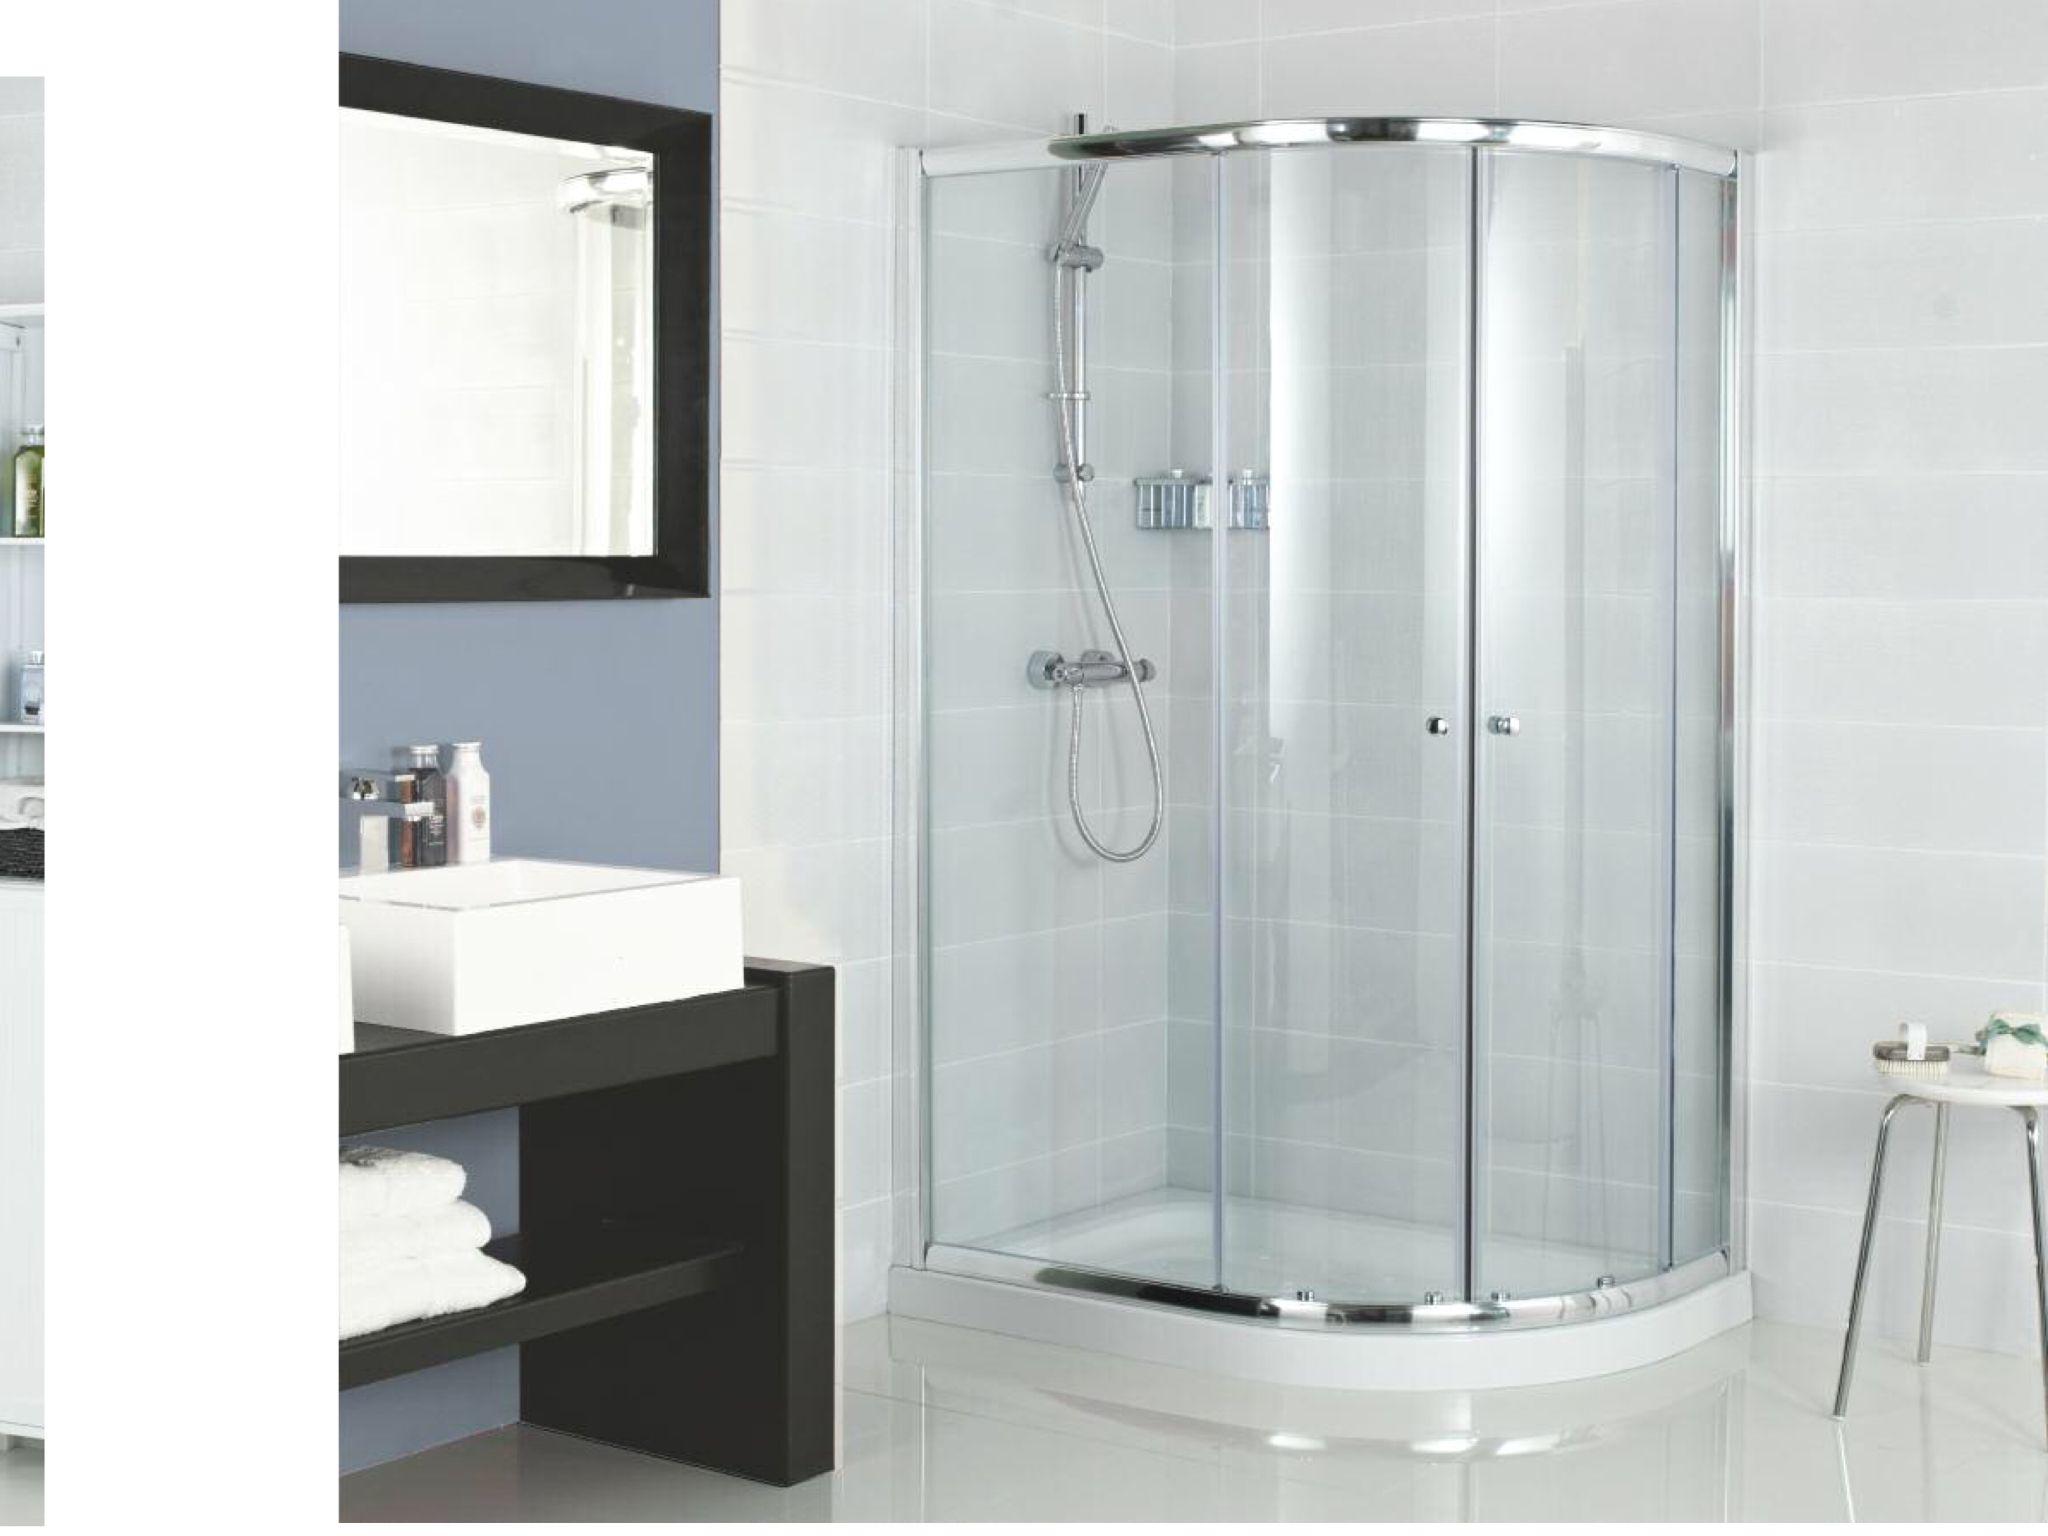 Instinct 6 1000 x 800 quadrant shower enclosure | interiors ...